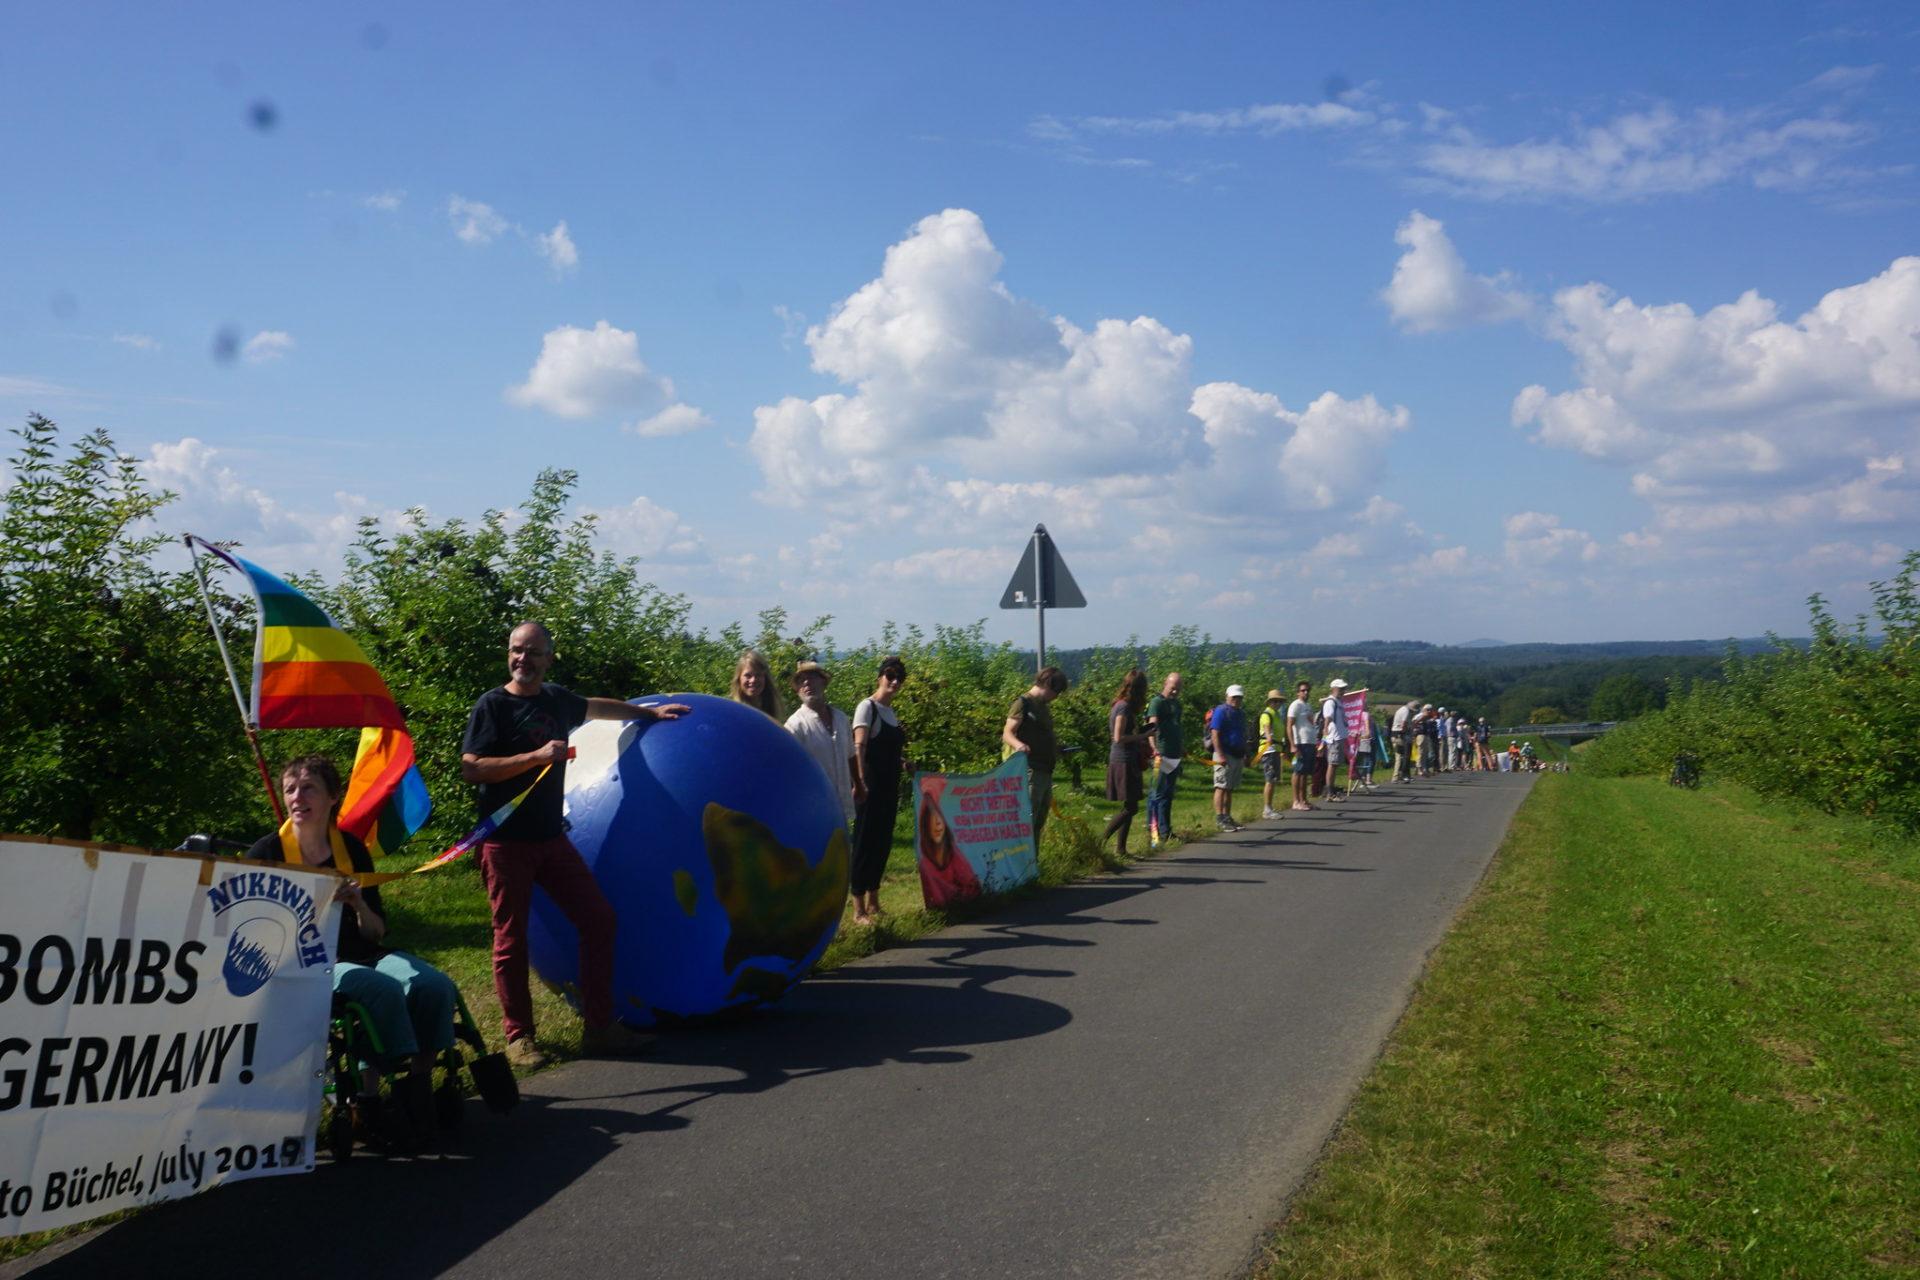 800 Menschen protestieren für Abzug der Atomwaffen und Beitritt zum Atomwaffenverbot